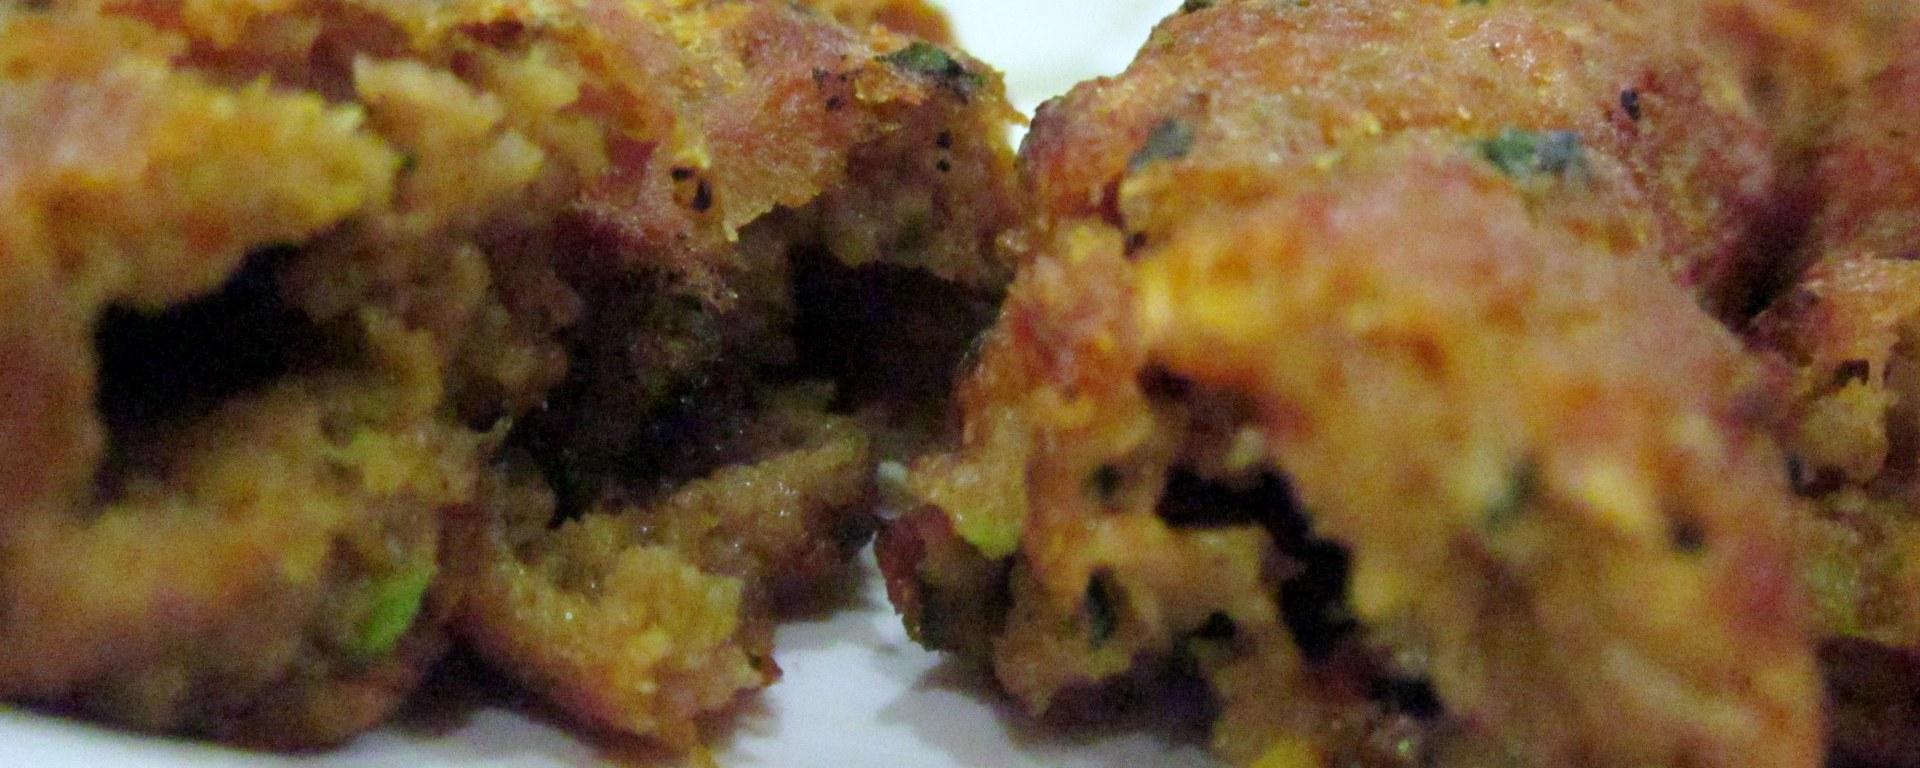 Mutton Seekh Kebabs at Koknani Darbar Nashik